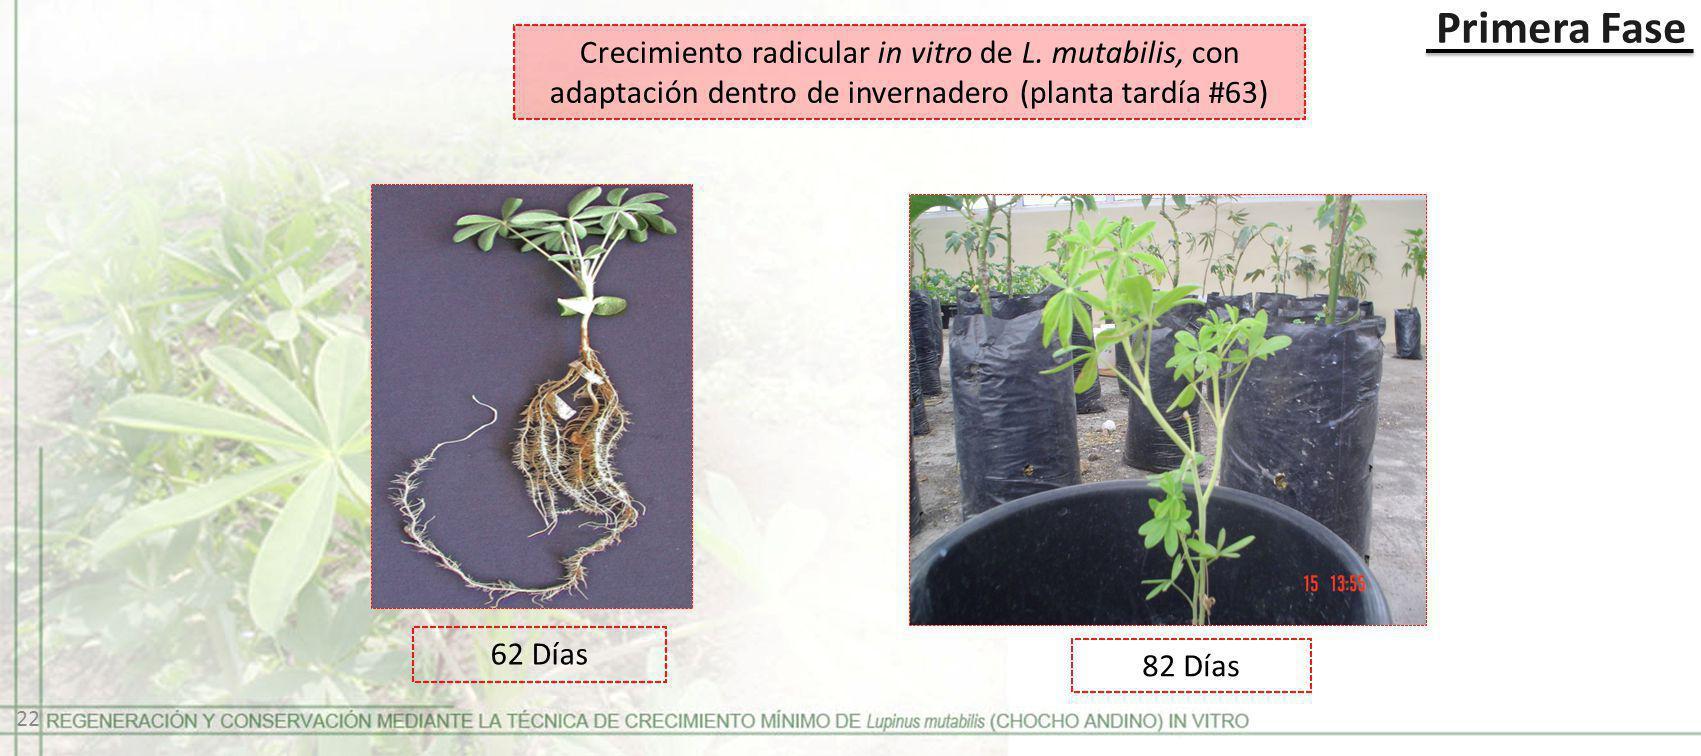 Primera Fase Crecimiento radicular in vitro de L. mutabilis, con adaptación dentro de invernadero (planta tardía #63) 22 62 Días 82 Días